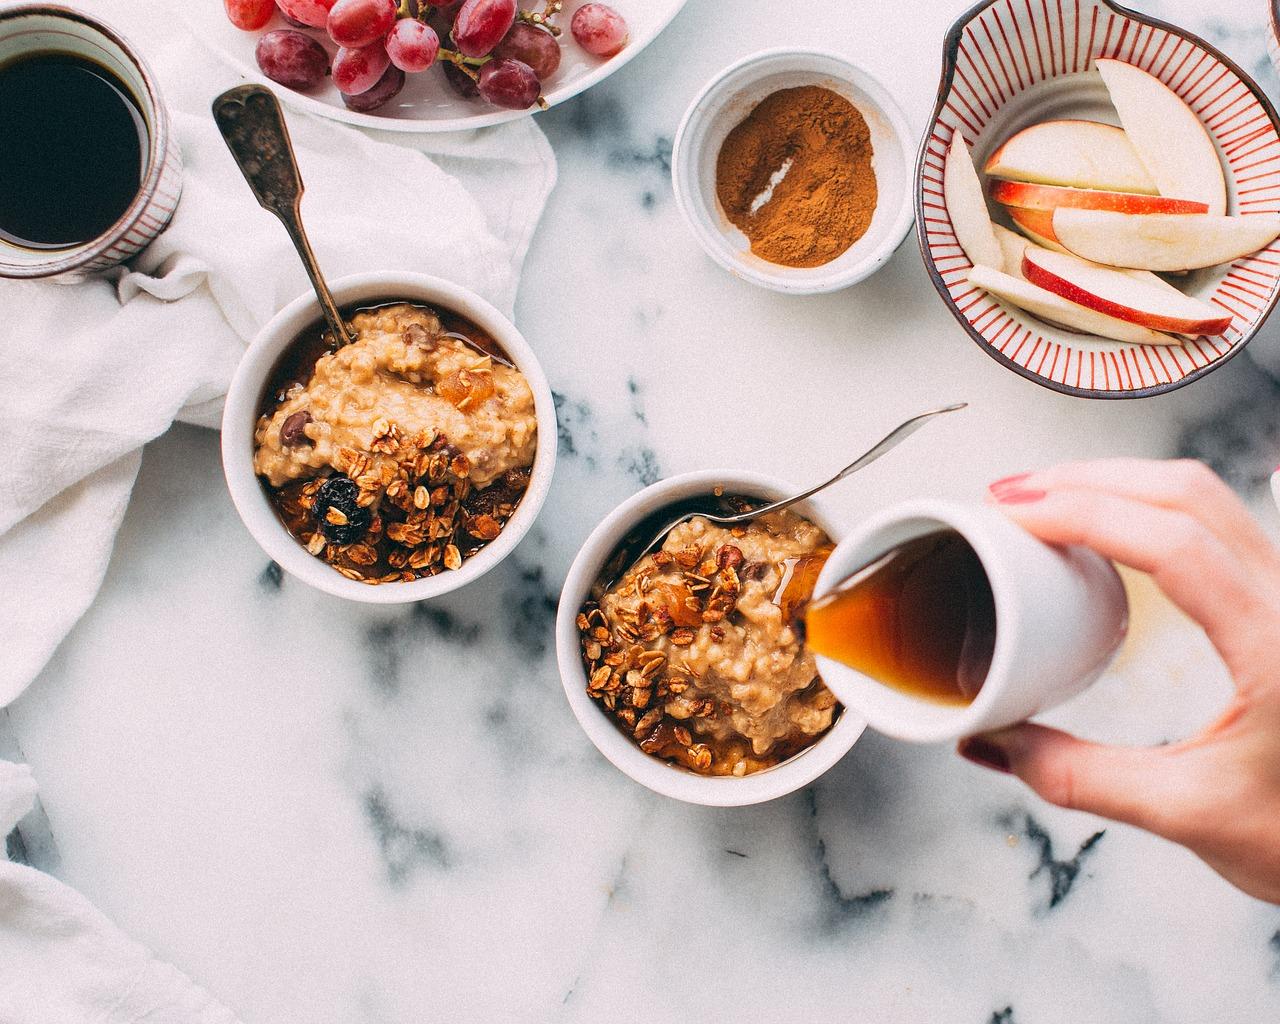 Cosa succede se mangiamo ogni giorno un cucchiaio di miele con cannella?